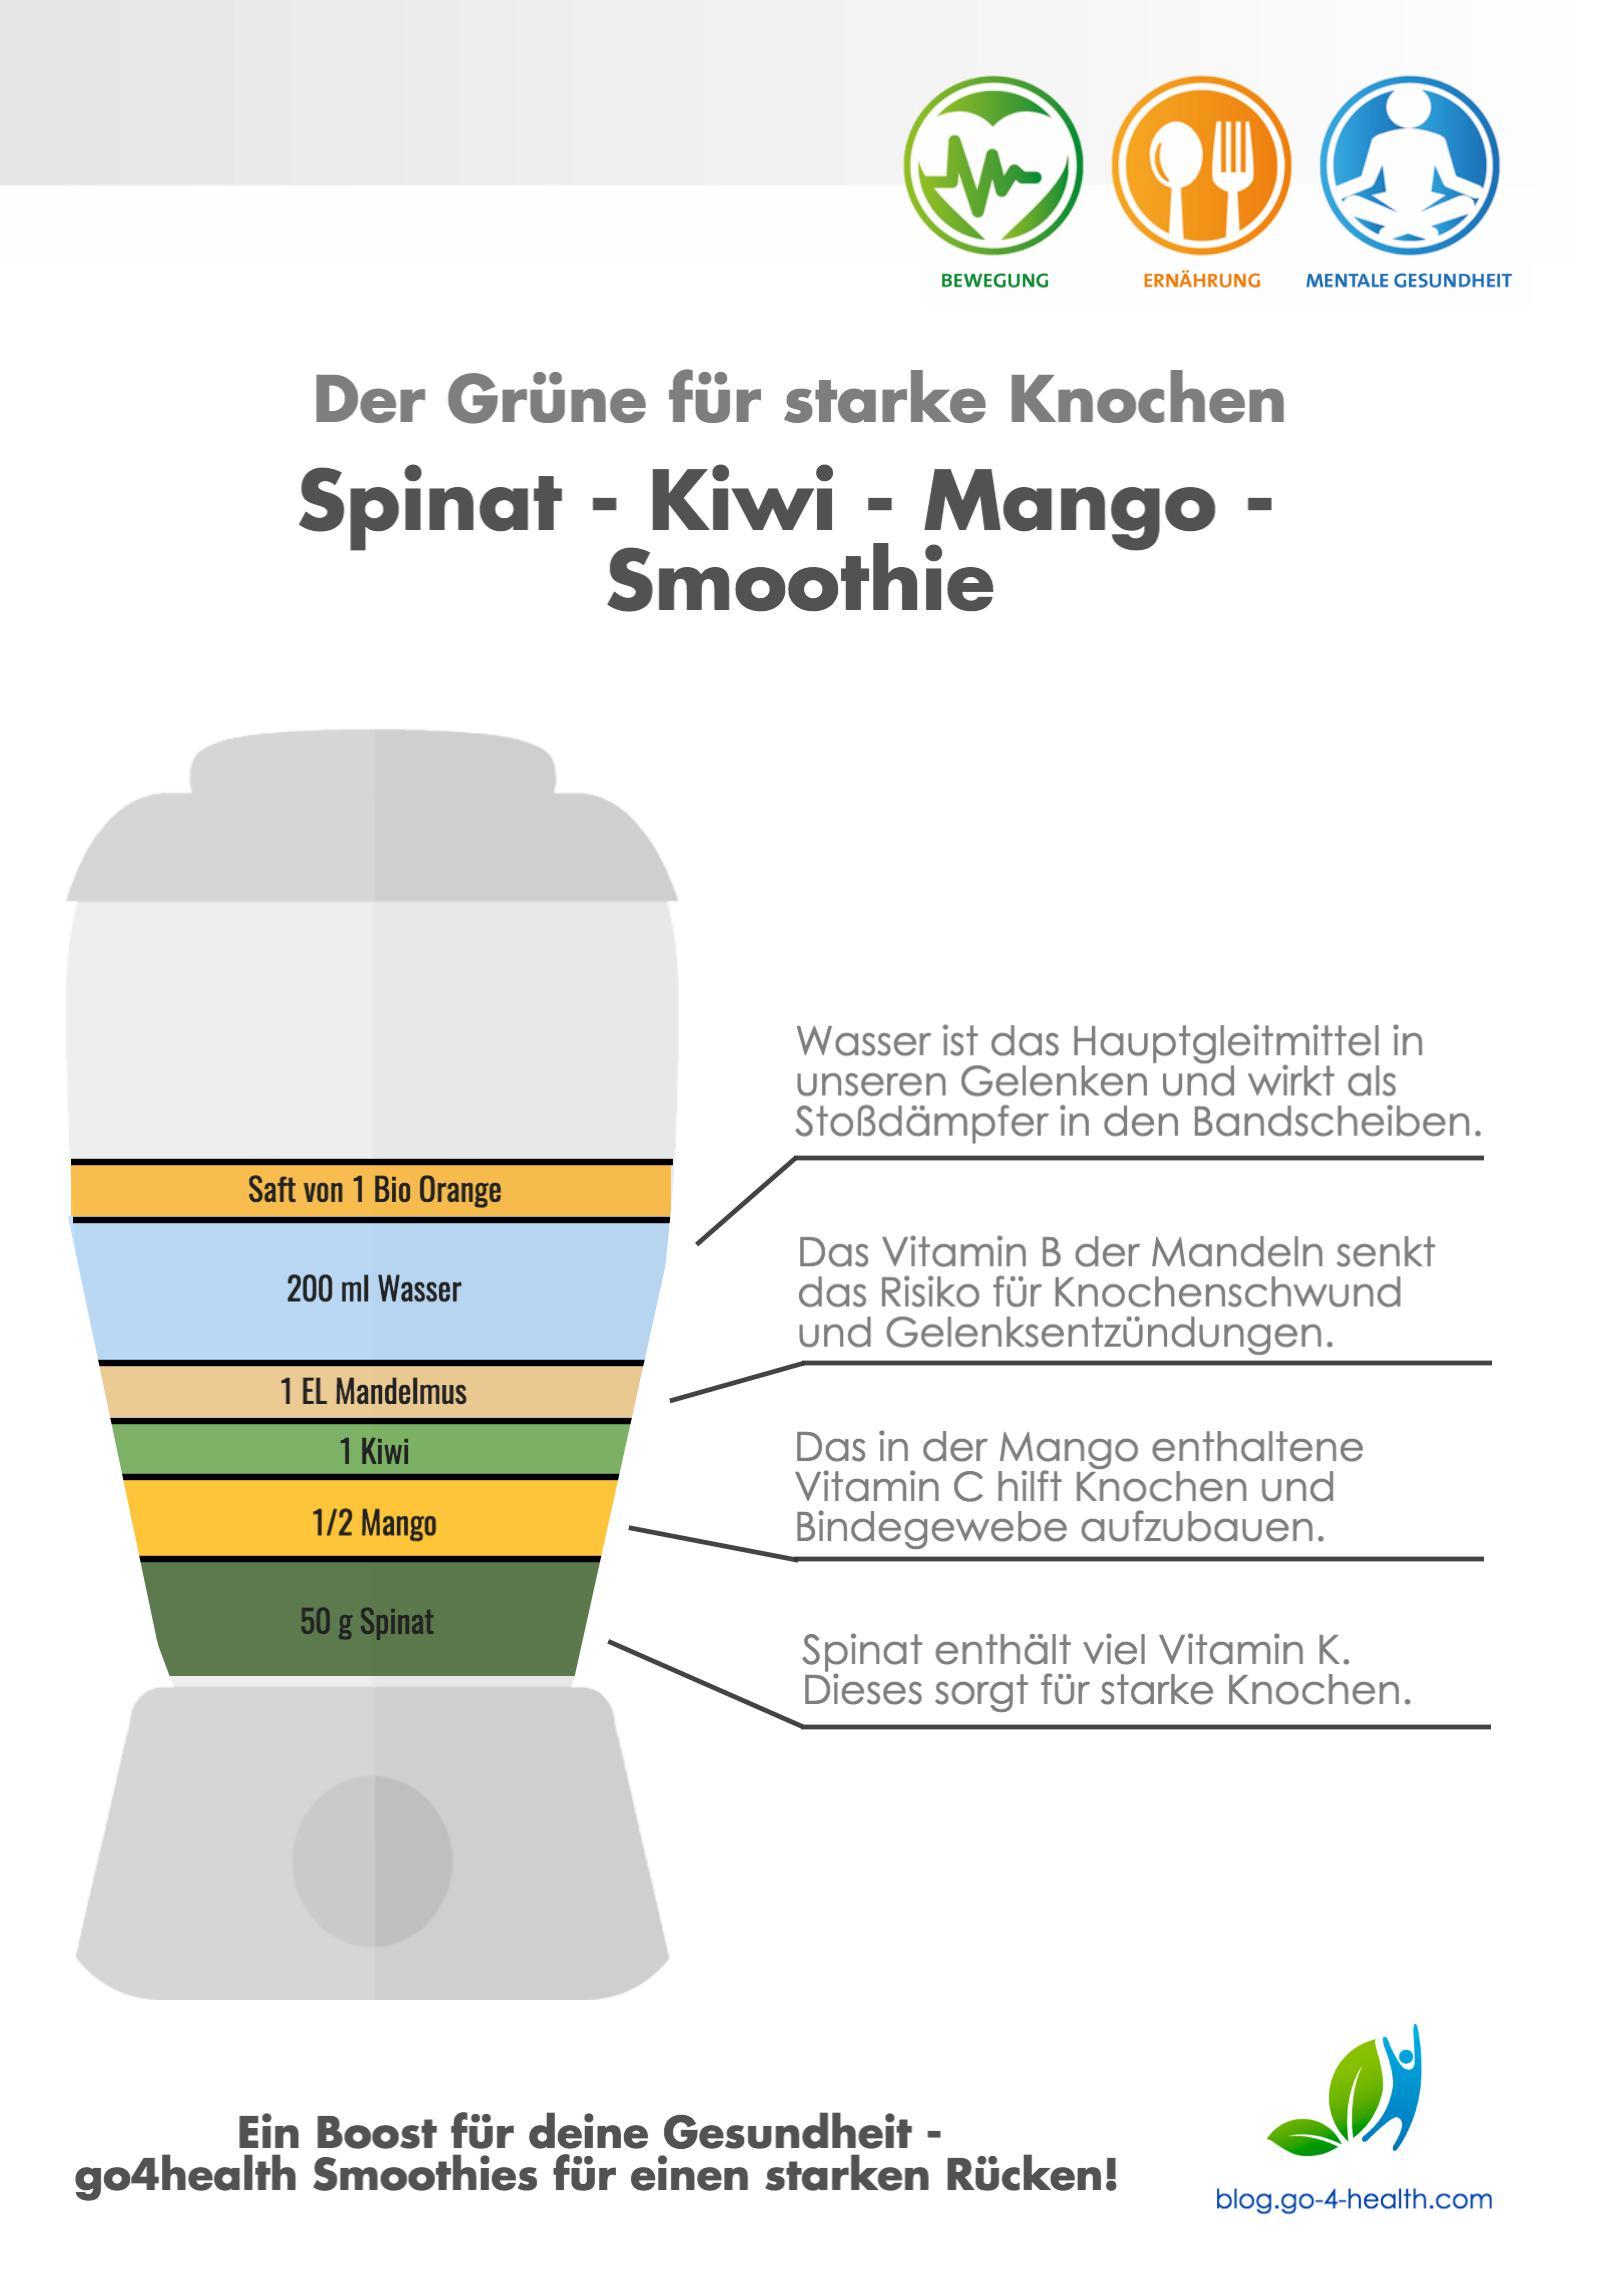 Grüner Smoothie für starke Knochen: Spinat-Kiwi-Mango